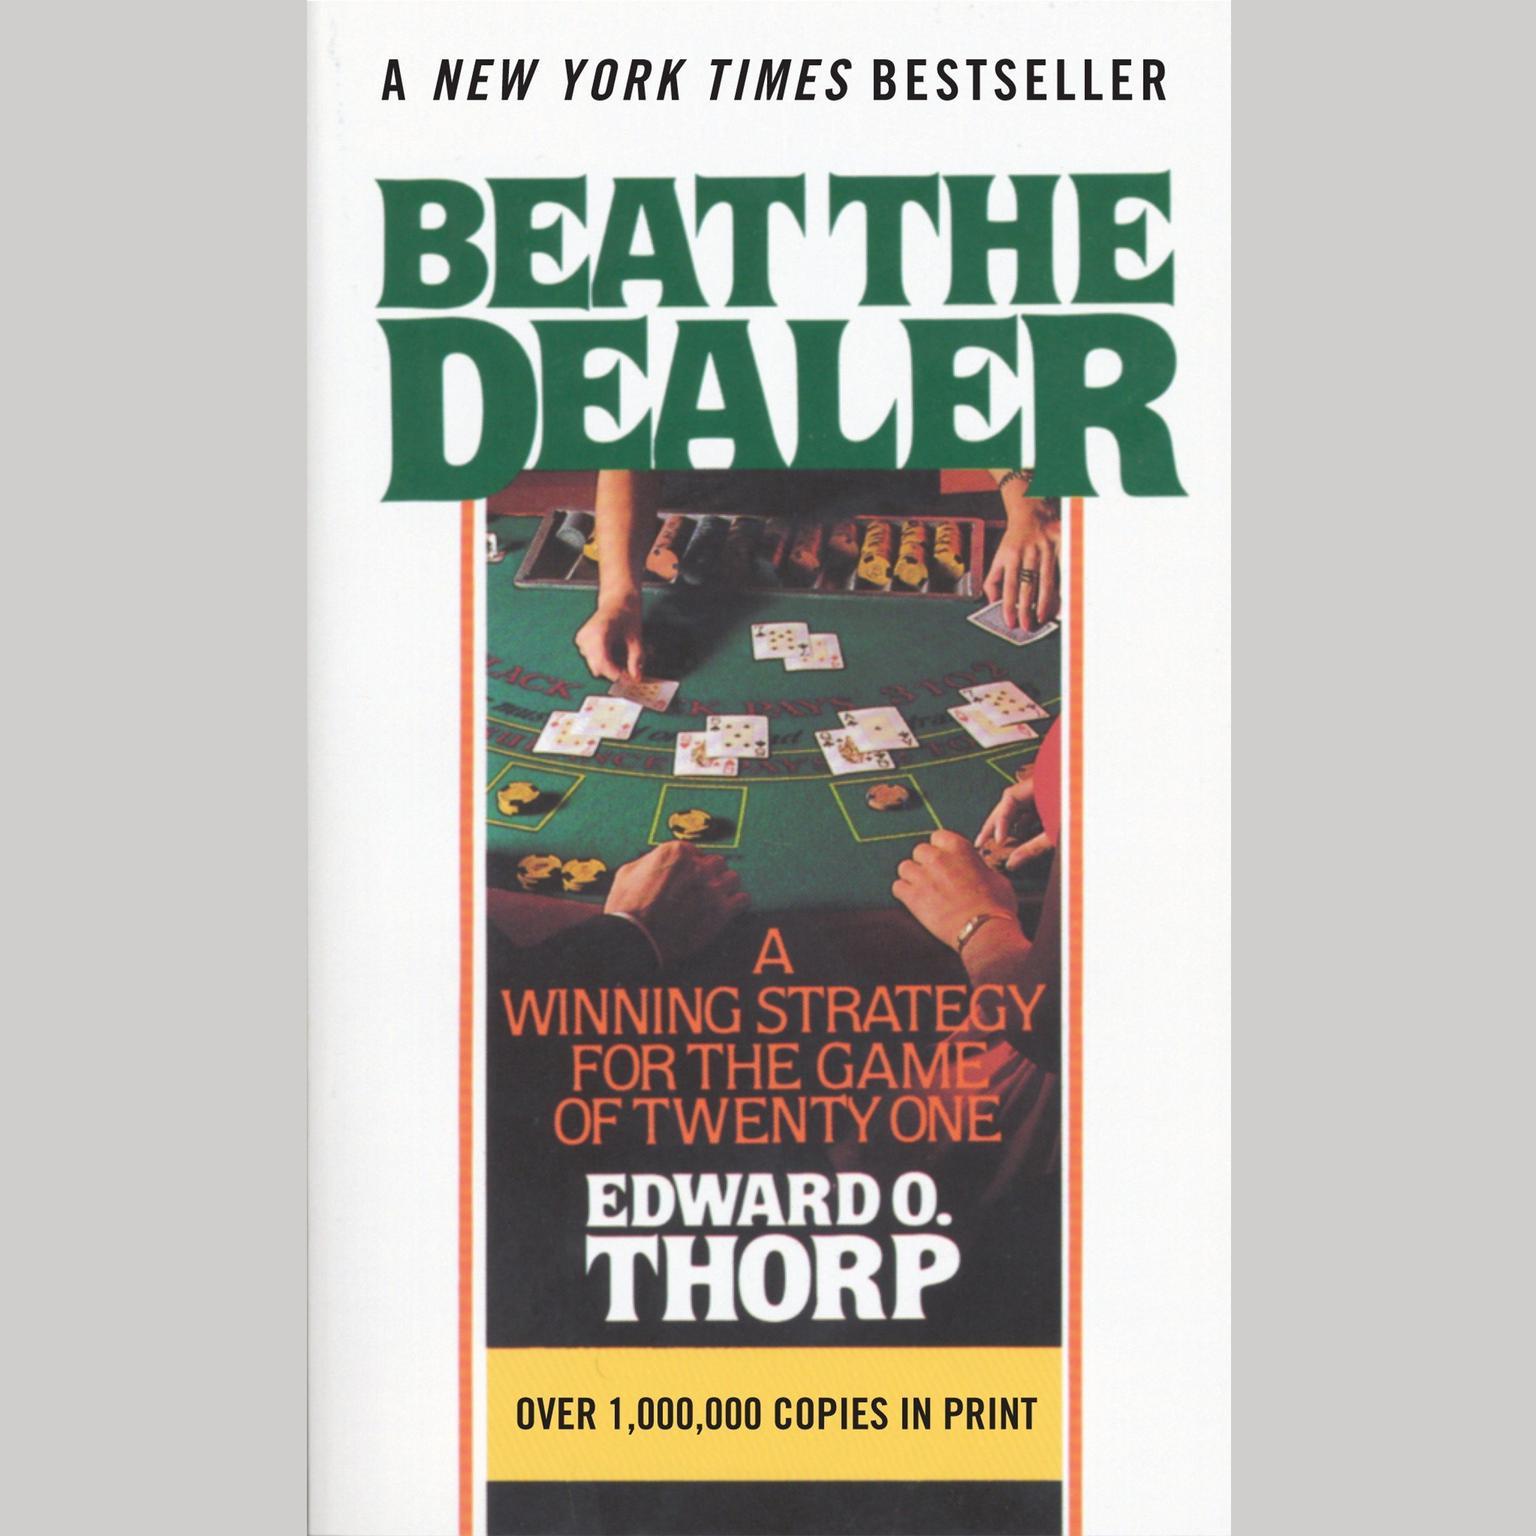 Beat the dealer - Một trong những cuốn sách bán chạy nhất thời đại